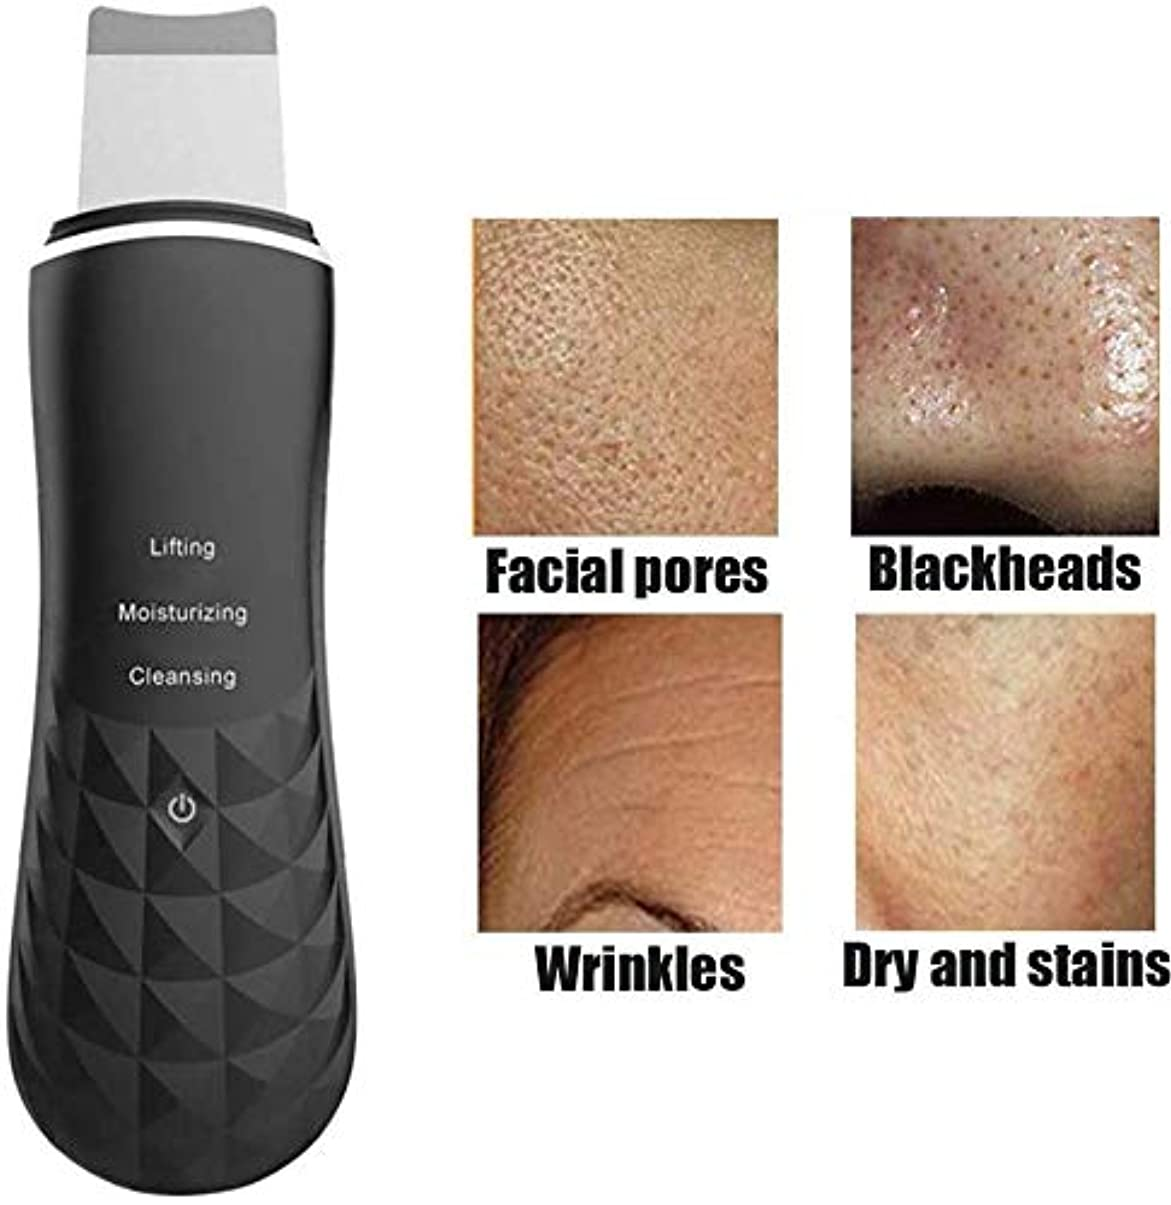 労働読み書きのできないにきび除去皮膚剥離顔面加熱皮膚洗浄器、EMS加熱イオン高周波振動フェイススパチュラビューティーデバイス,黒